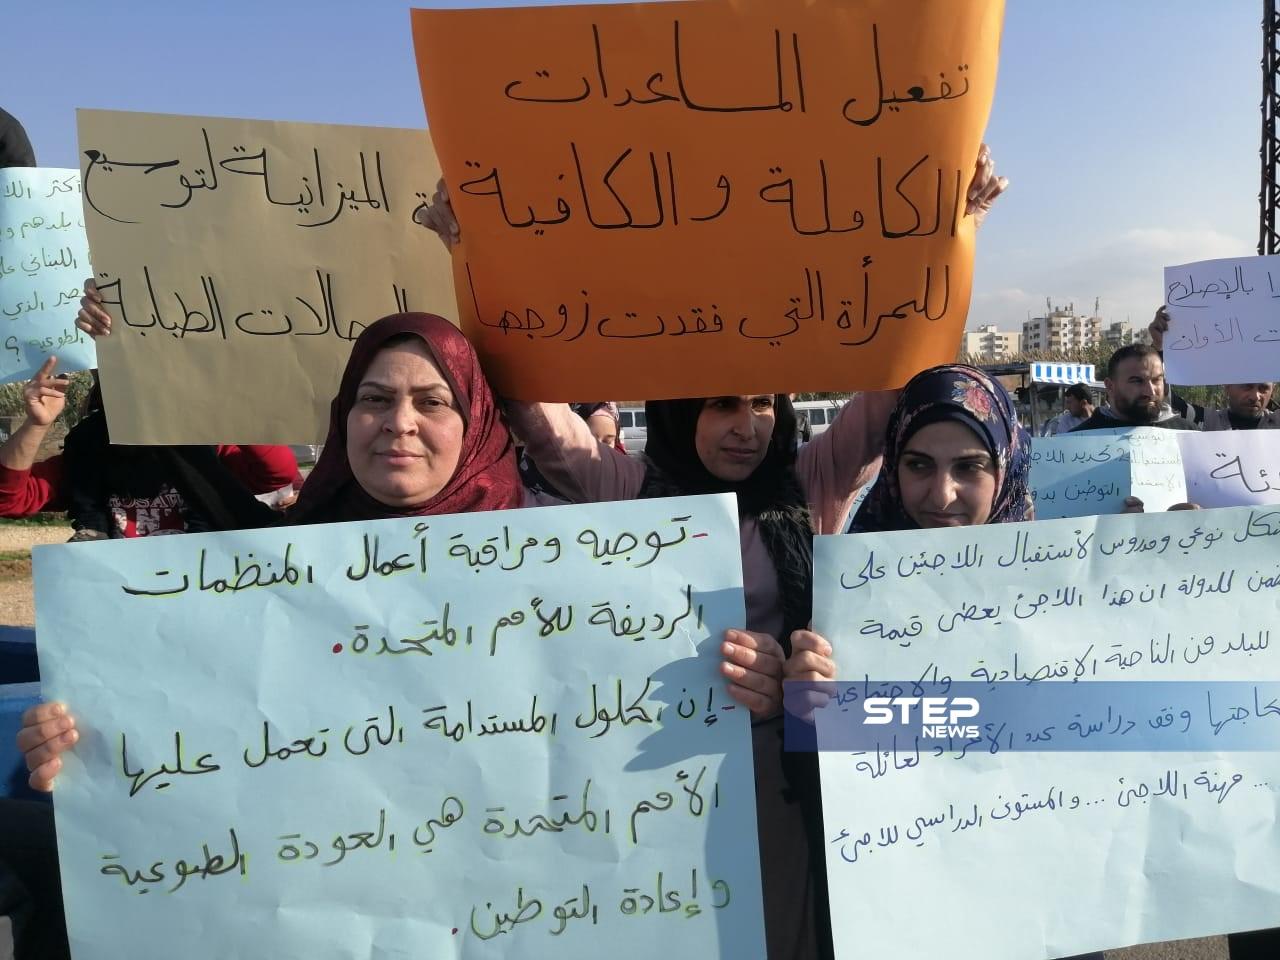 لاجئون سوريون يحتجون أمام مركز الأمم المتحدة في طرابلس لتأمين الحماية والمساعدات (فيديو - صور)